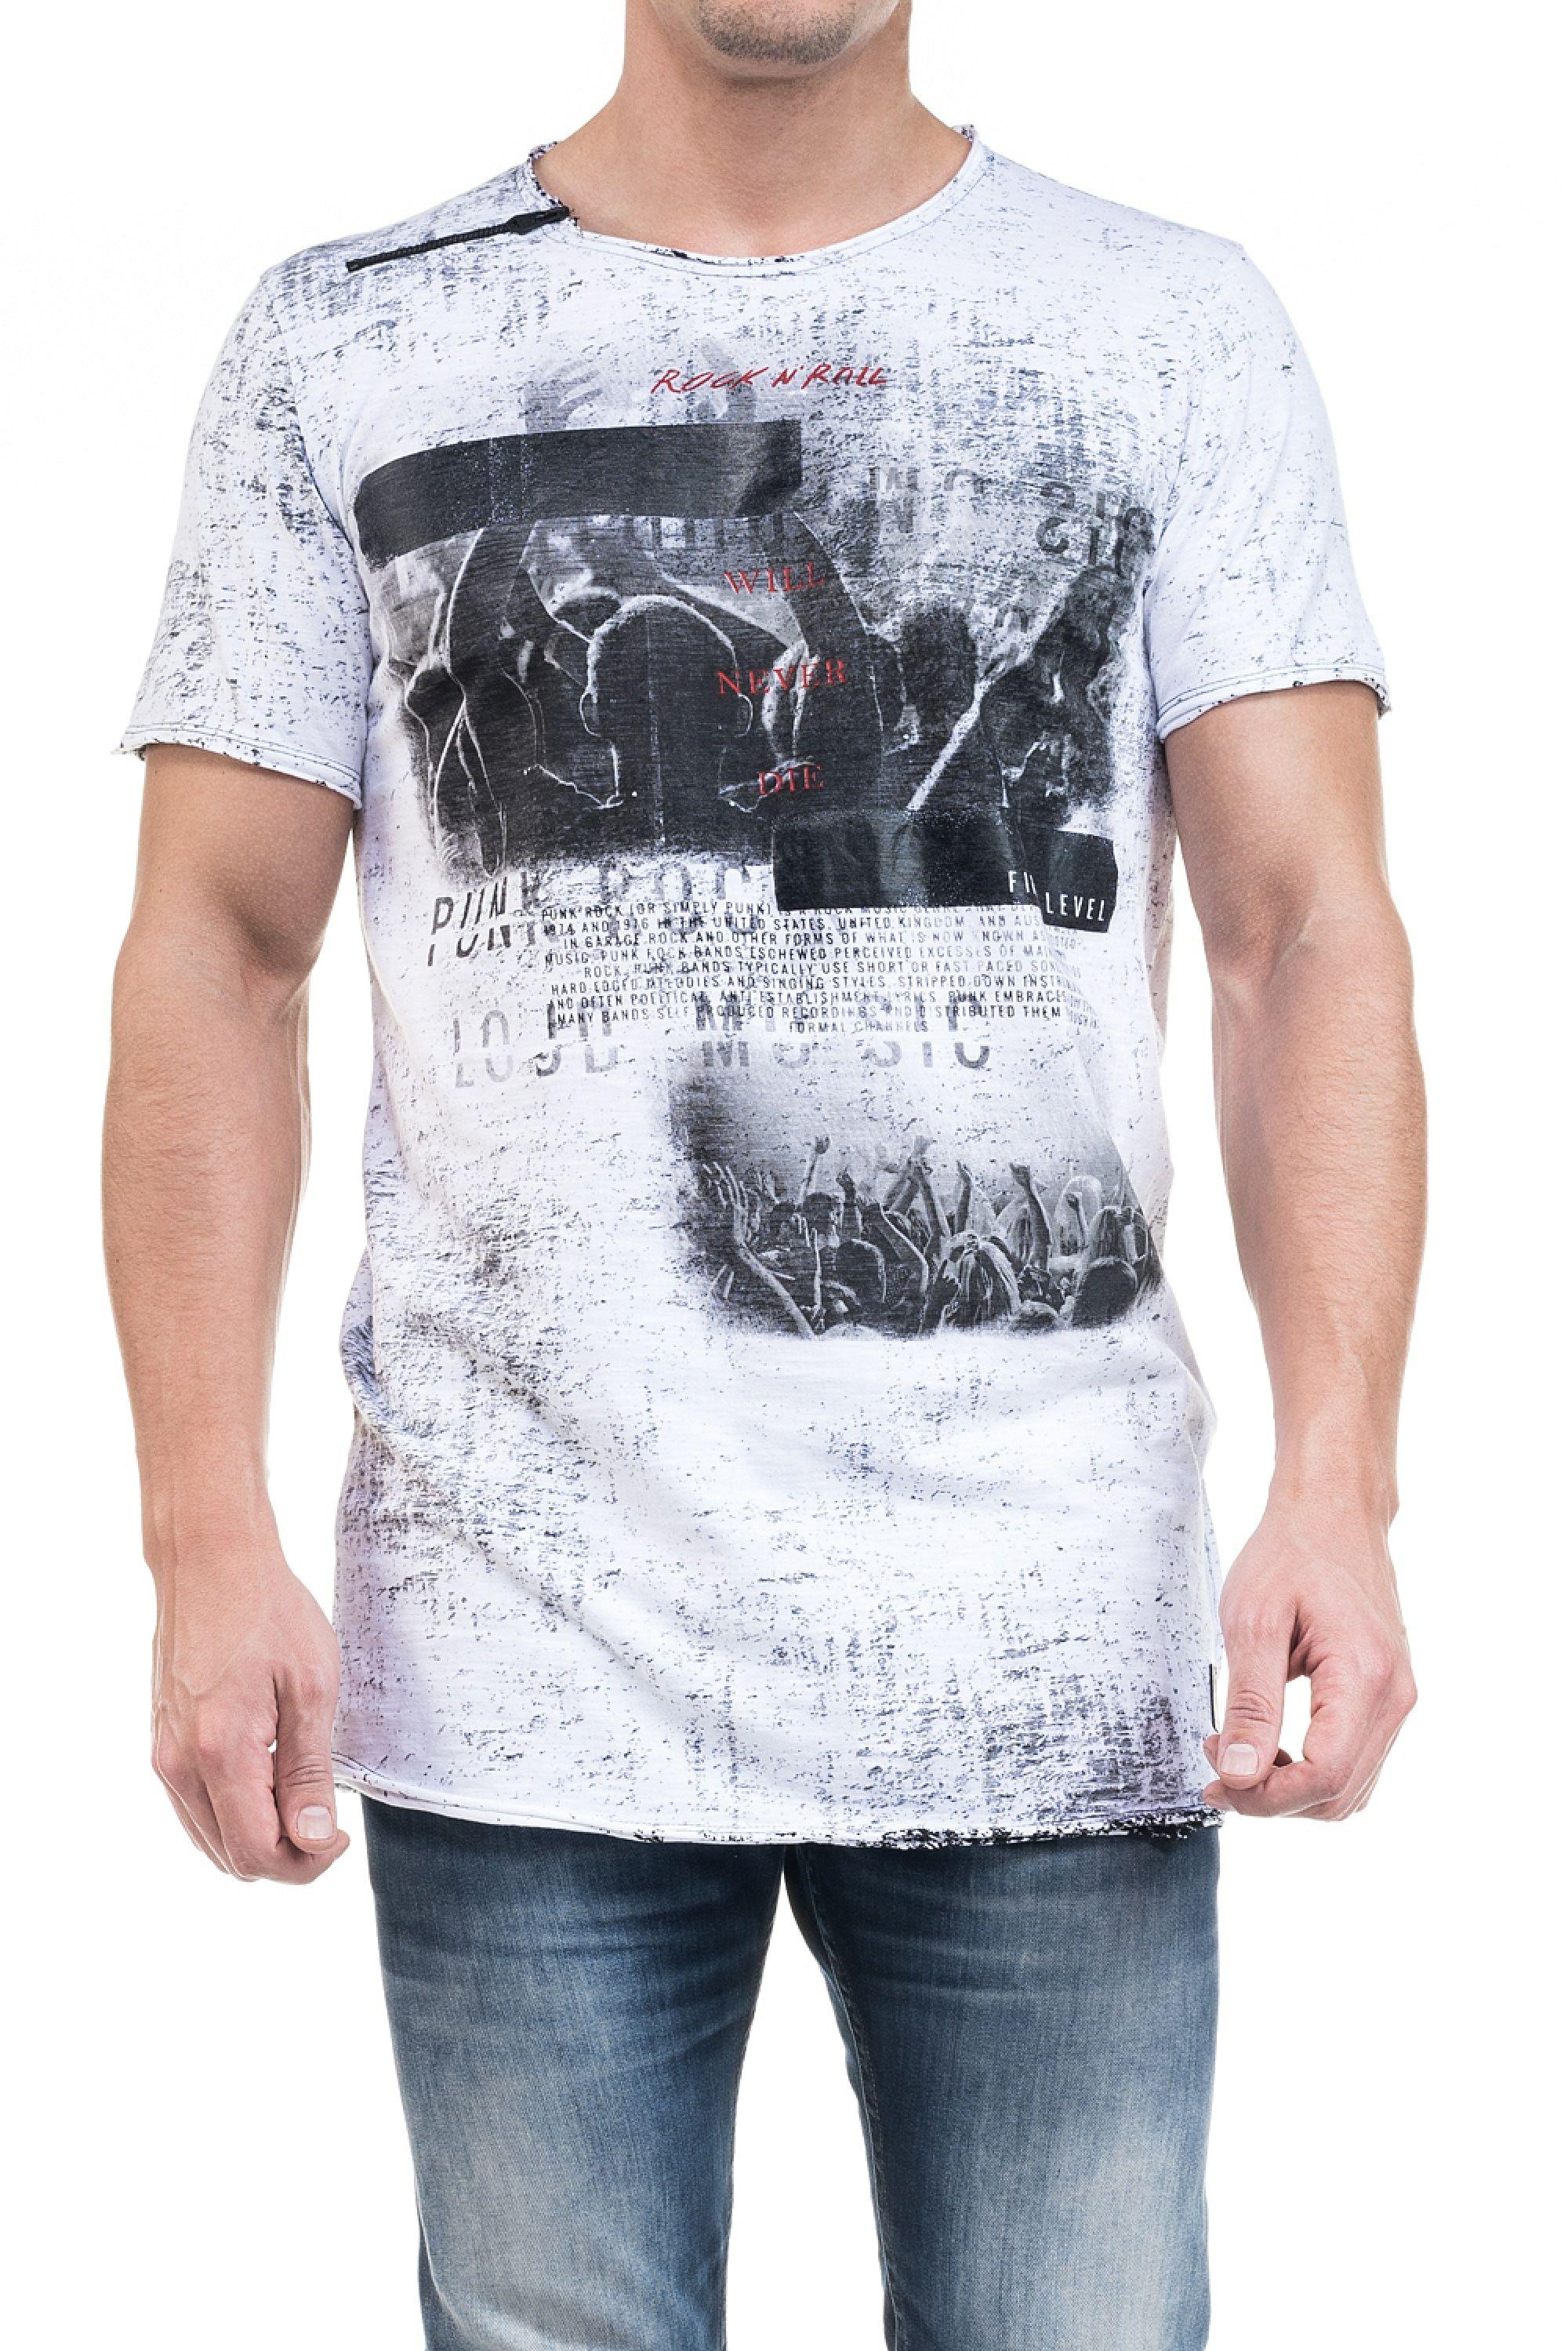 T-shirt 1st level comprida tingida com gráfico e fechos | 115873 Branco | Salsa